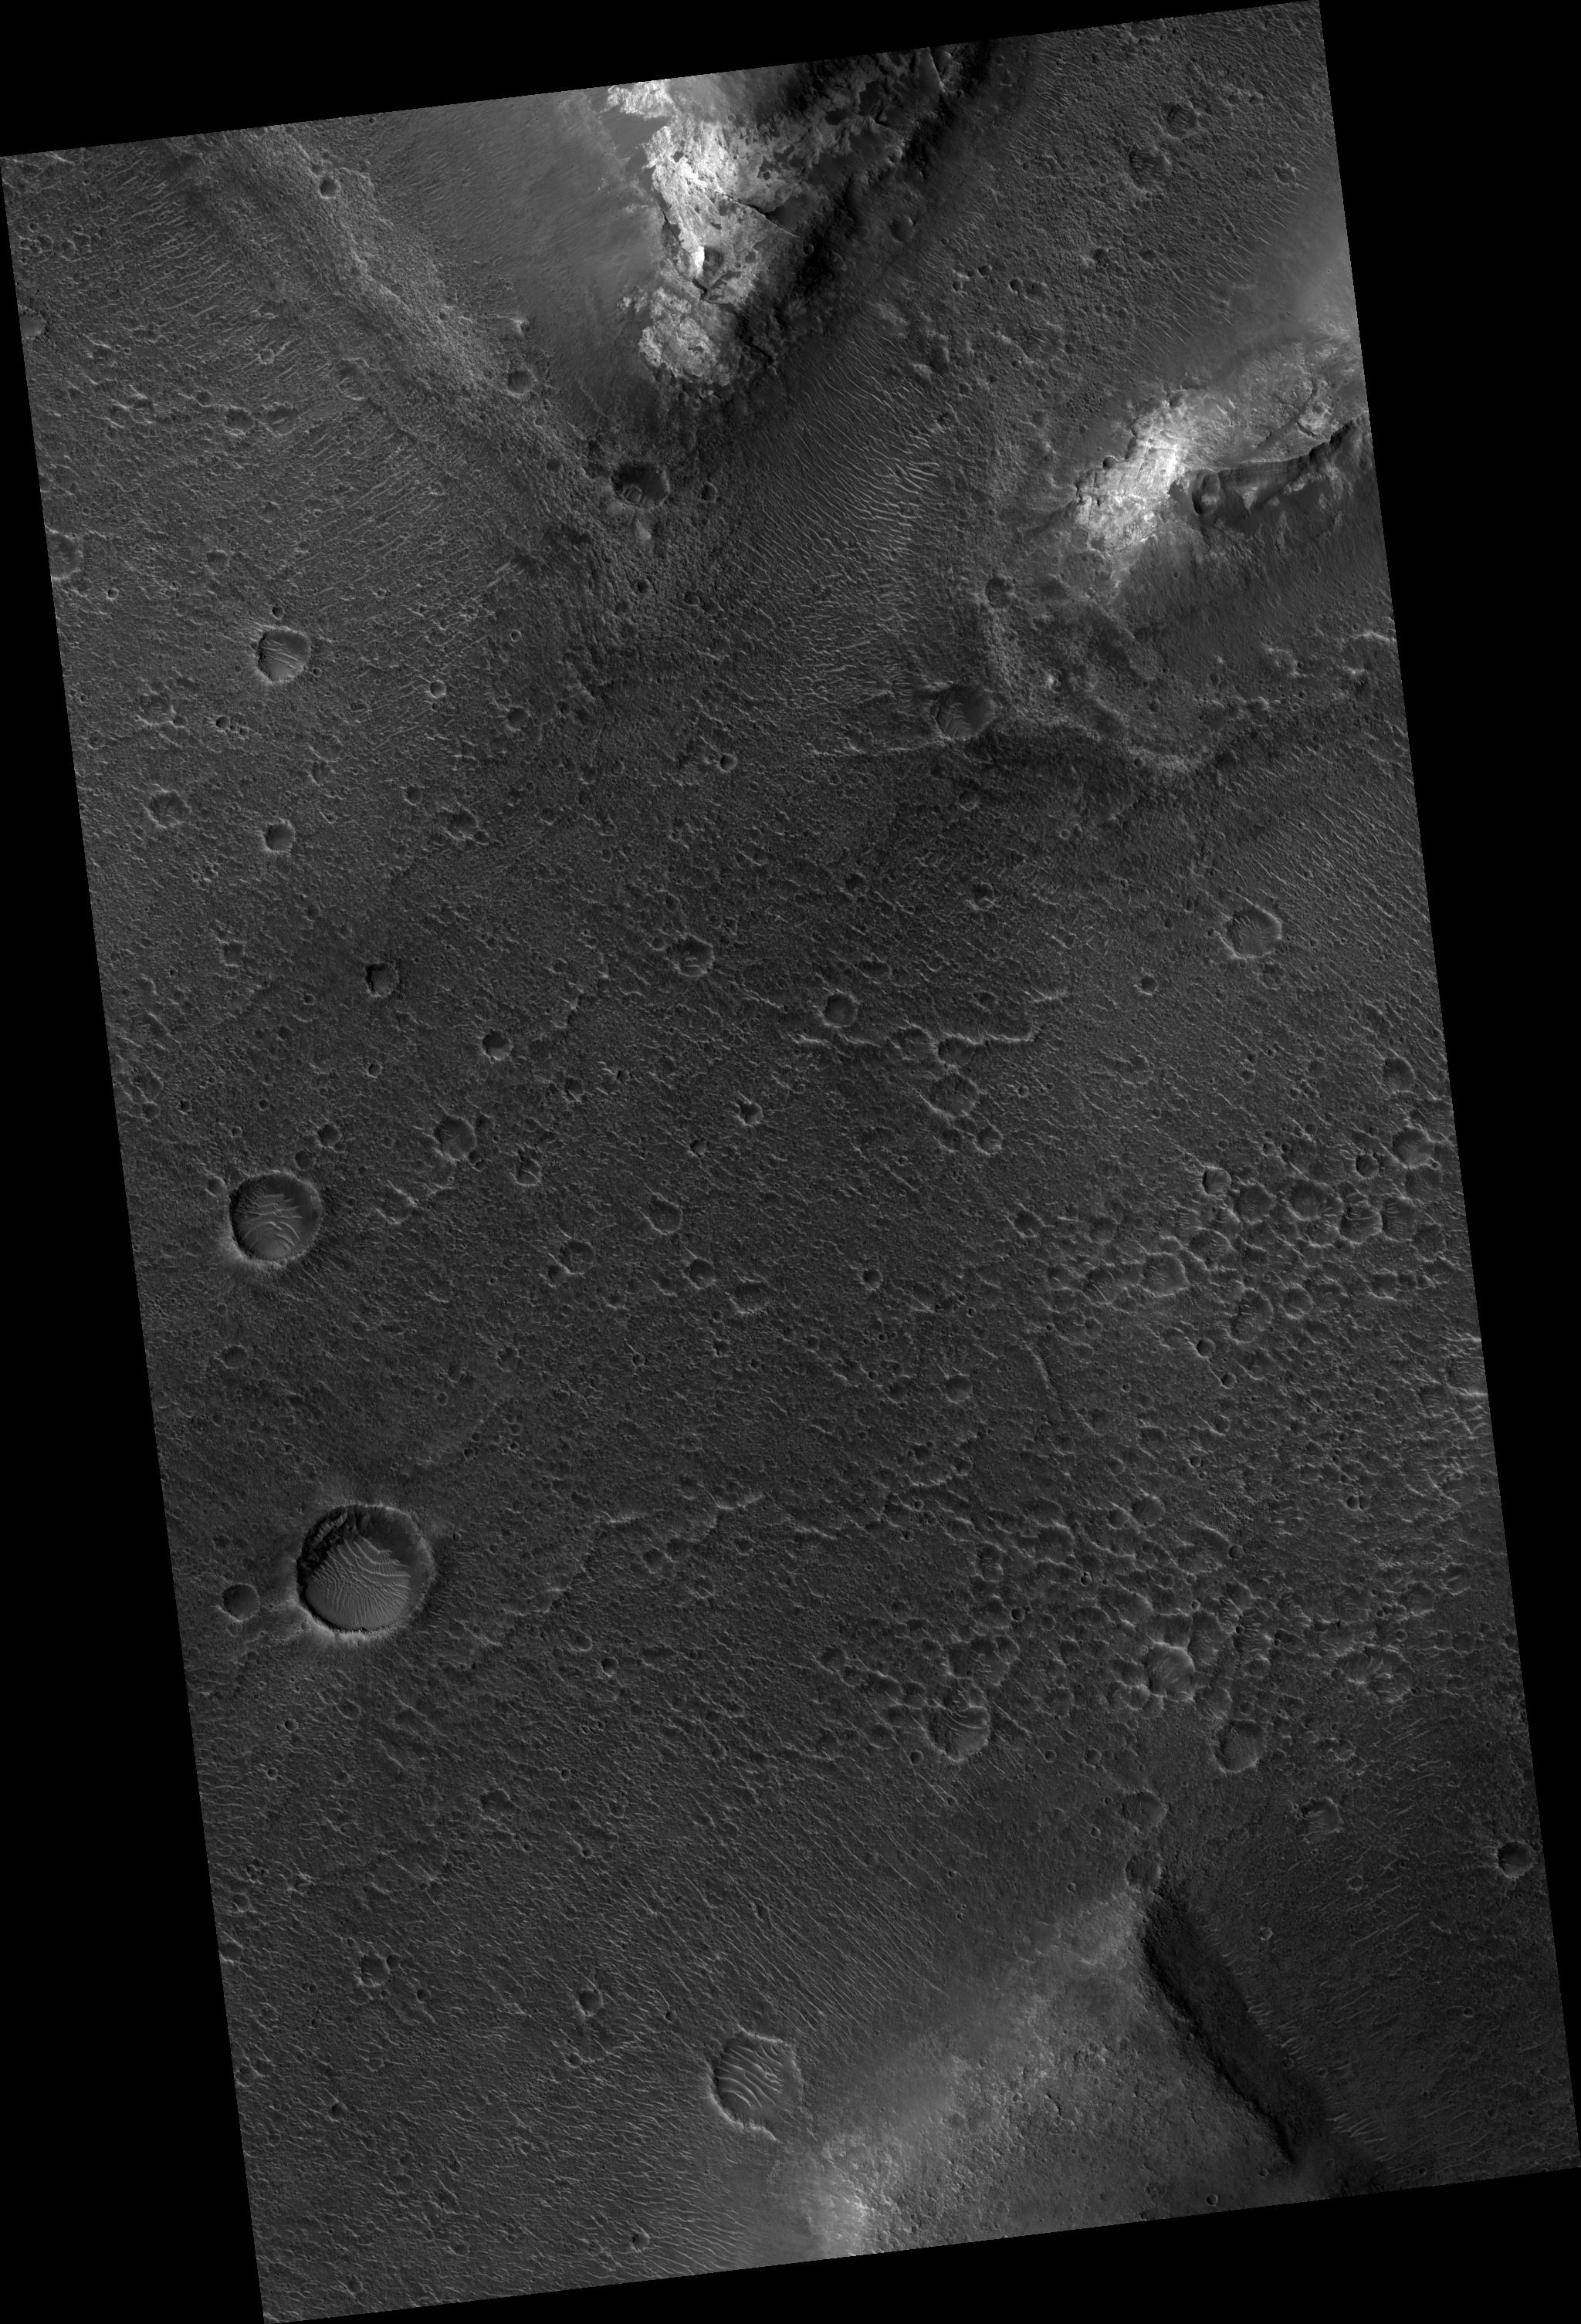 PENDANT JEWELLERY - Venusrox